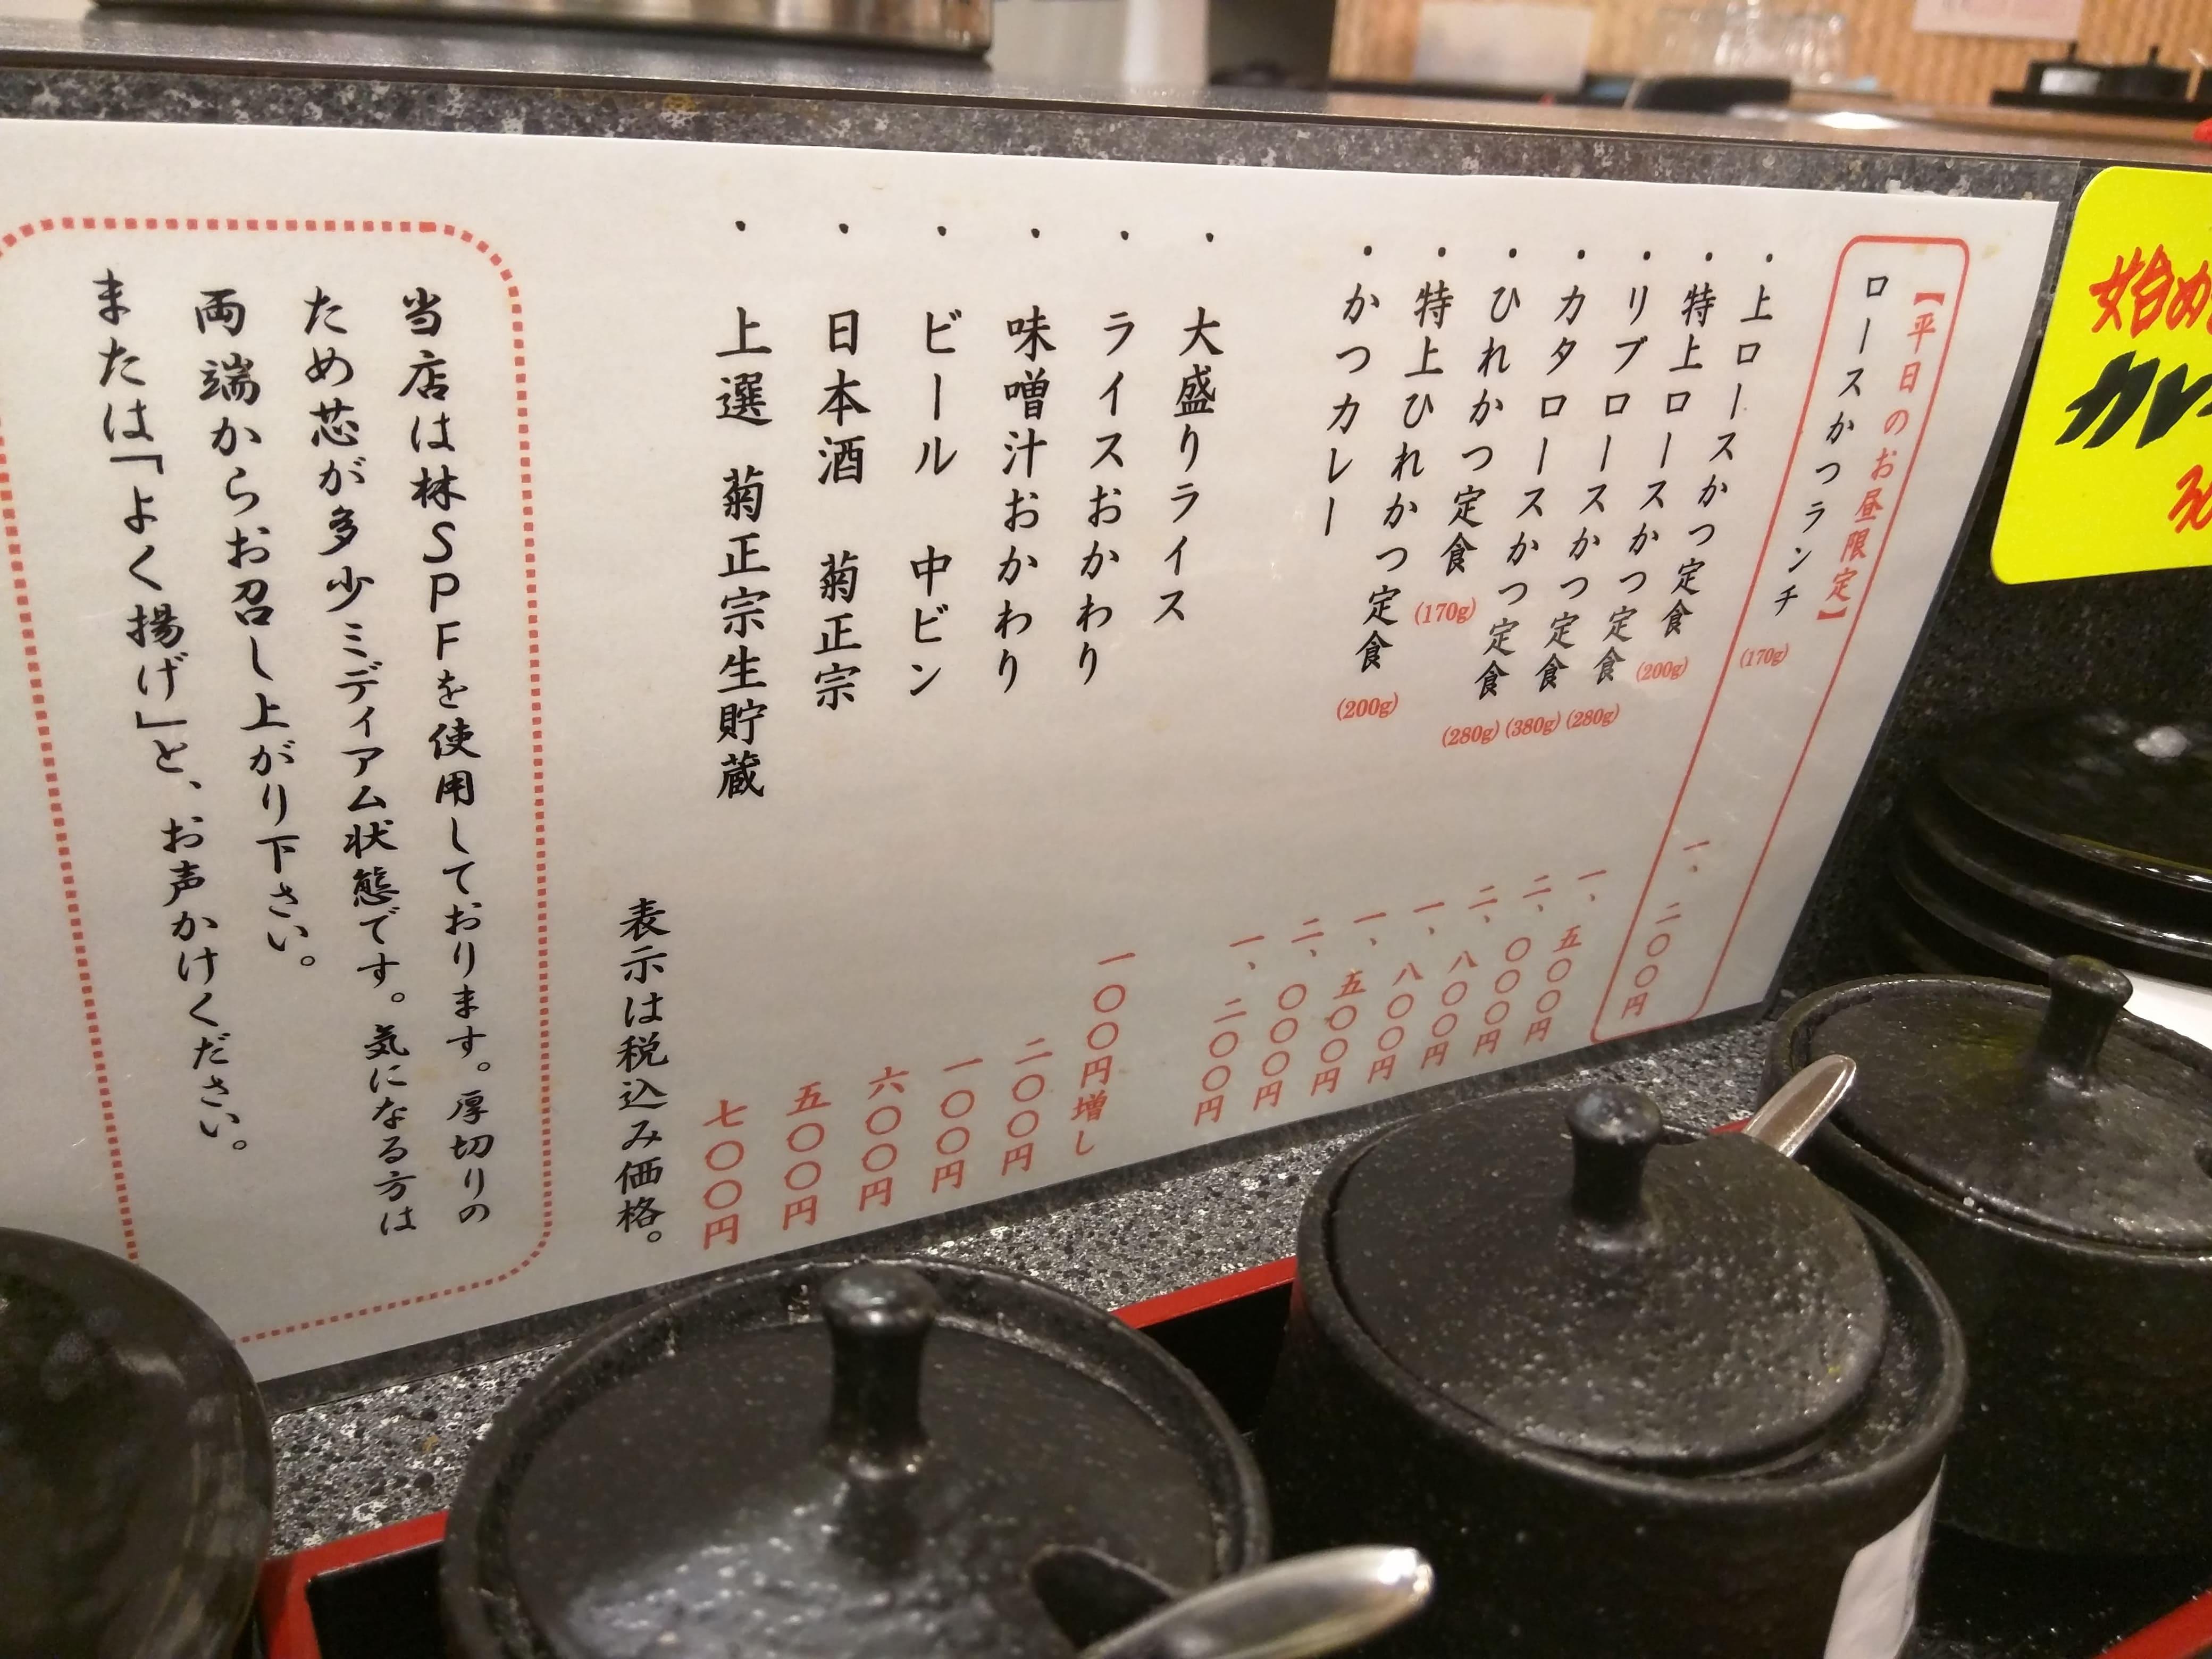 並ばずに食べられる名店クオリティのとんかつ 大門・浜松町 とんかつ大門 檍